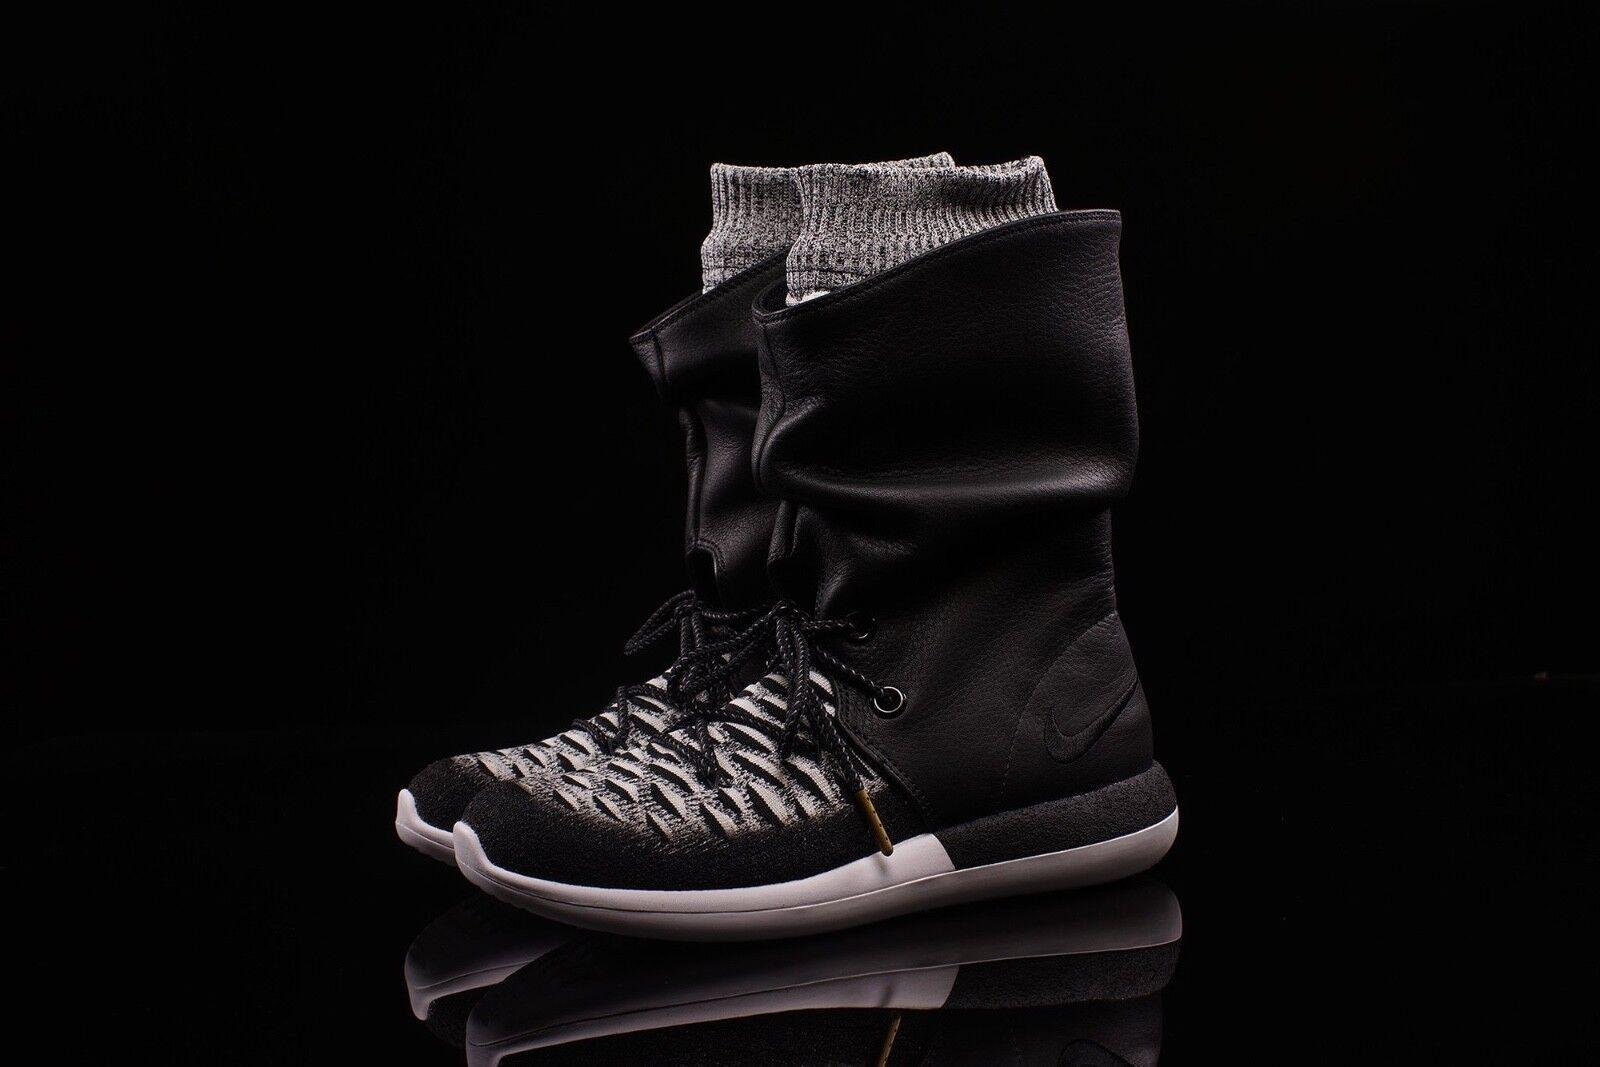 best sneakers 481fc d965a les femmes femmes femmes des chaussures nike air max 90 essentielles Noir  gry taille 5,